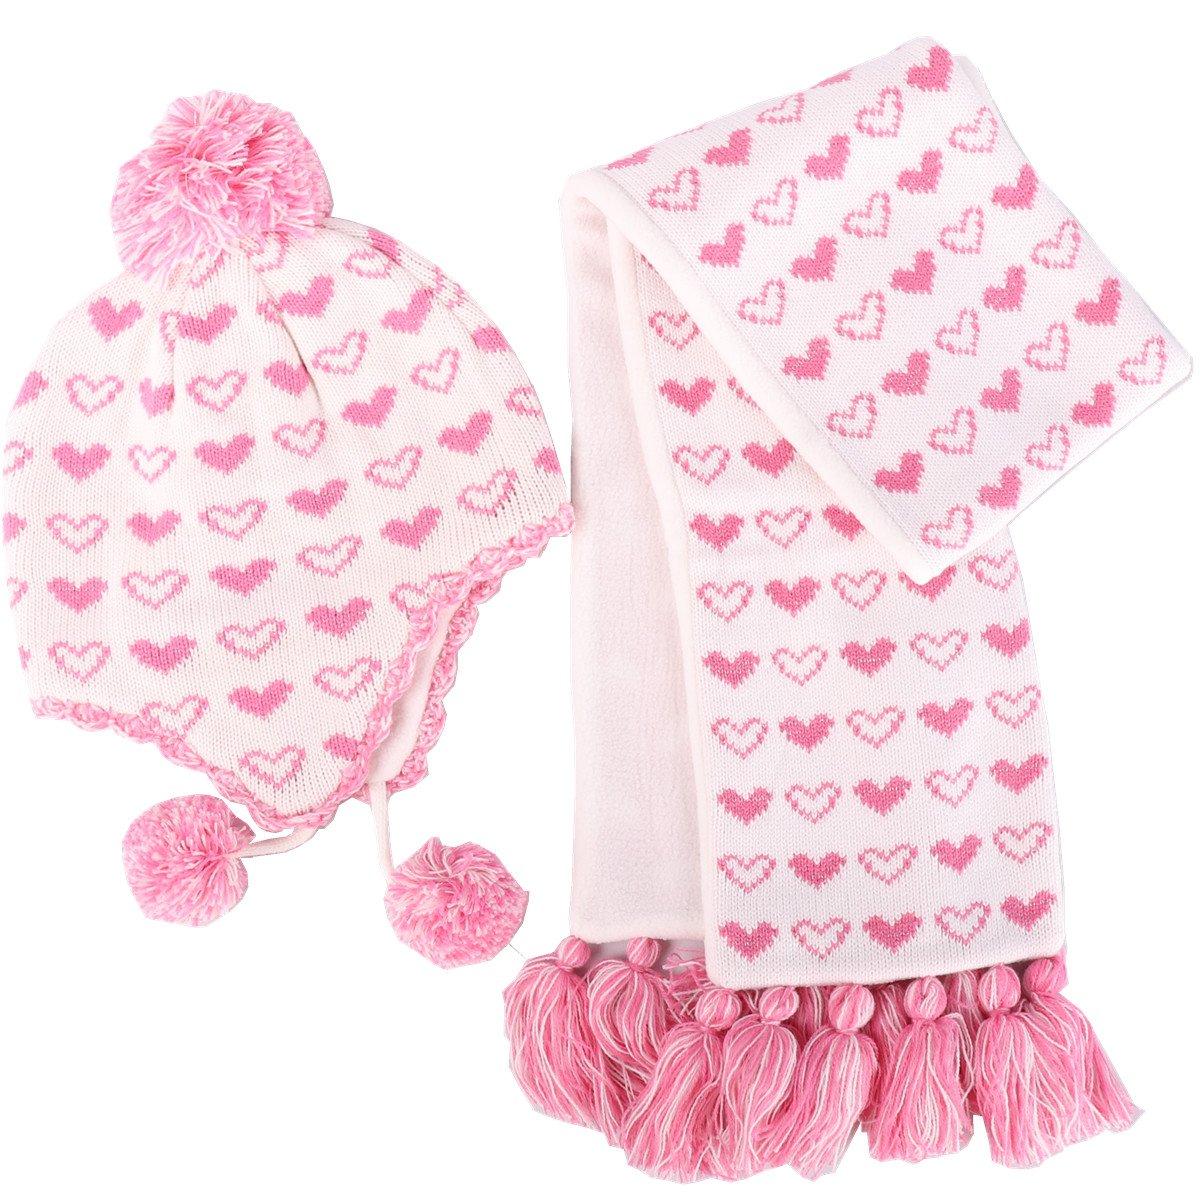 6823b39426a Ensemble Bonnet Echarpe Hiver Rose pour Enfant Bébé Fille Tricot Chaud en  Laine Chapeau Crochet Pompon de 6 mois à 6 ans - Rose - Taille XL Tour ...